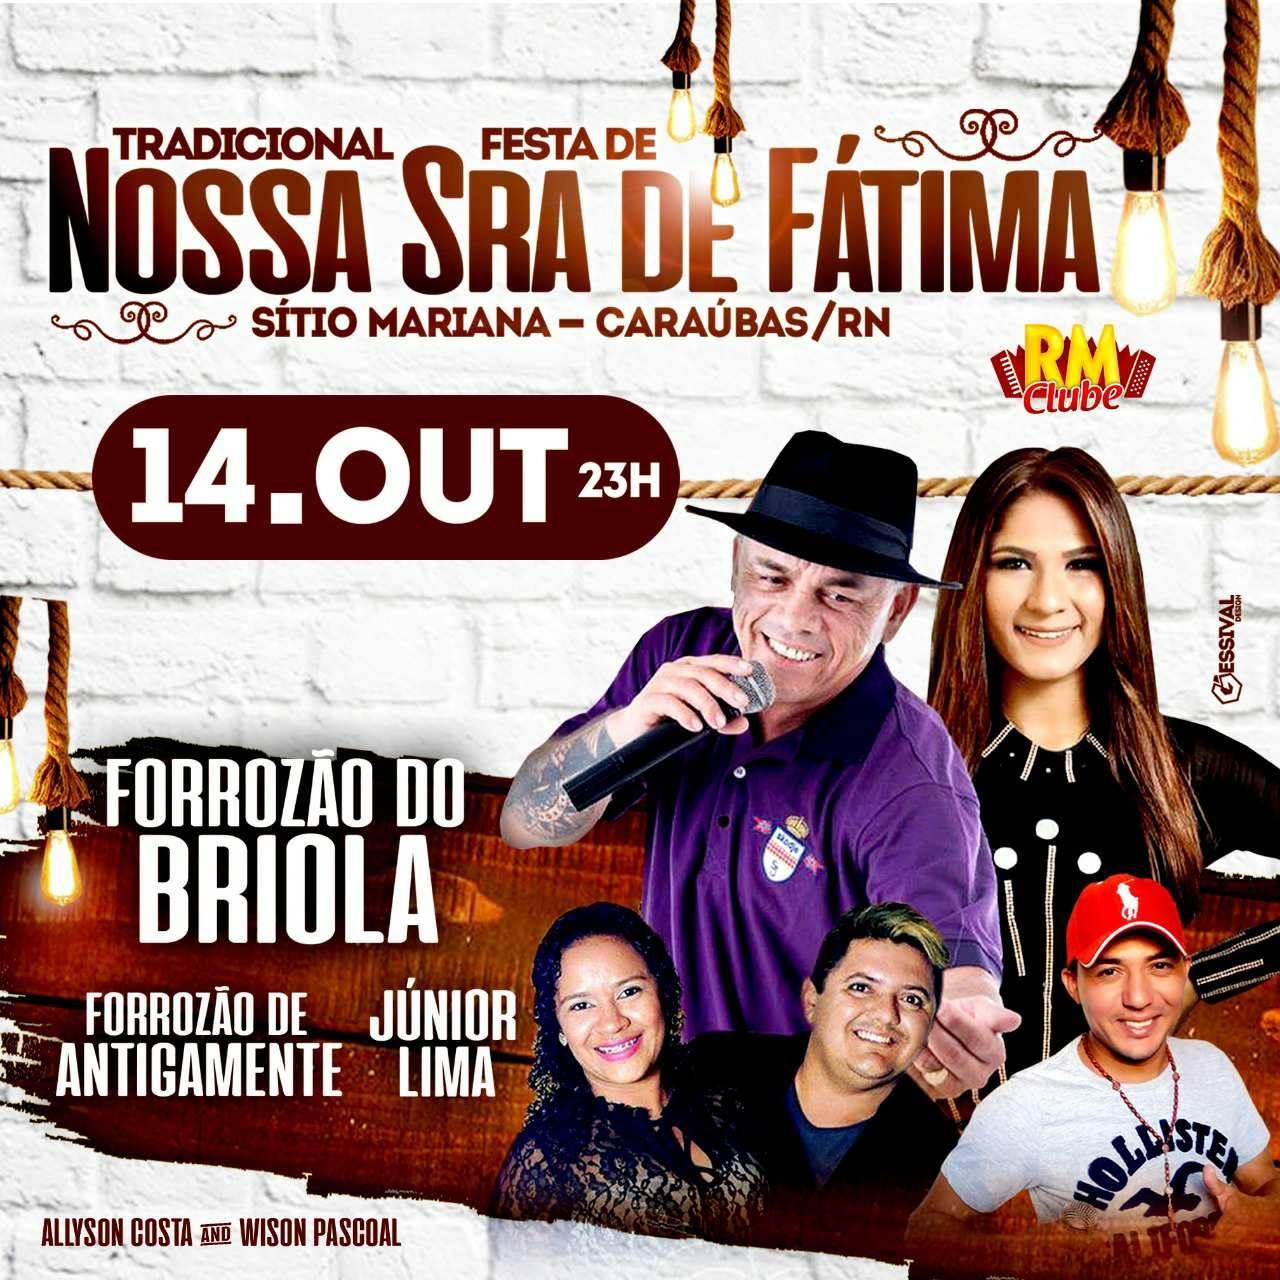 FESTA DE NOSSA SENHORA DE FÁTIMA - MARIANA/CARAÚBAS